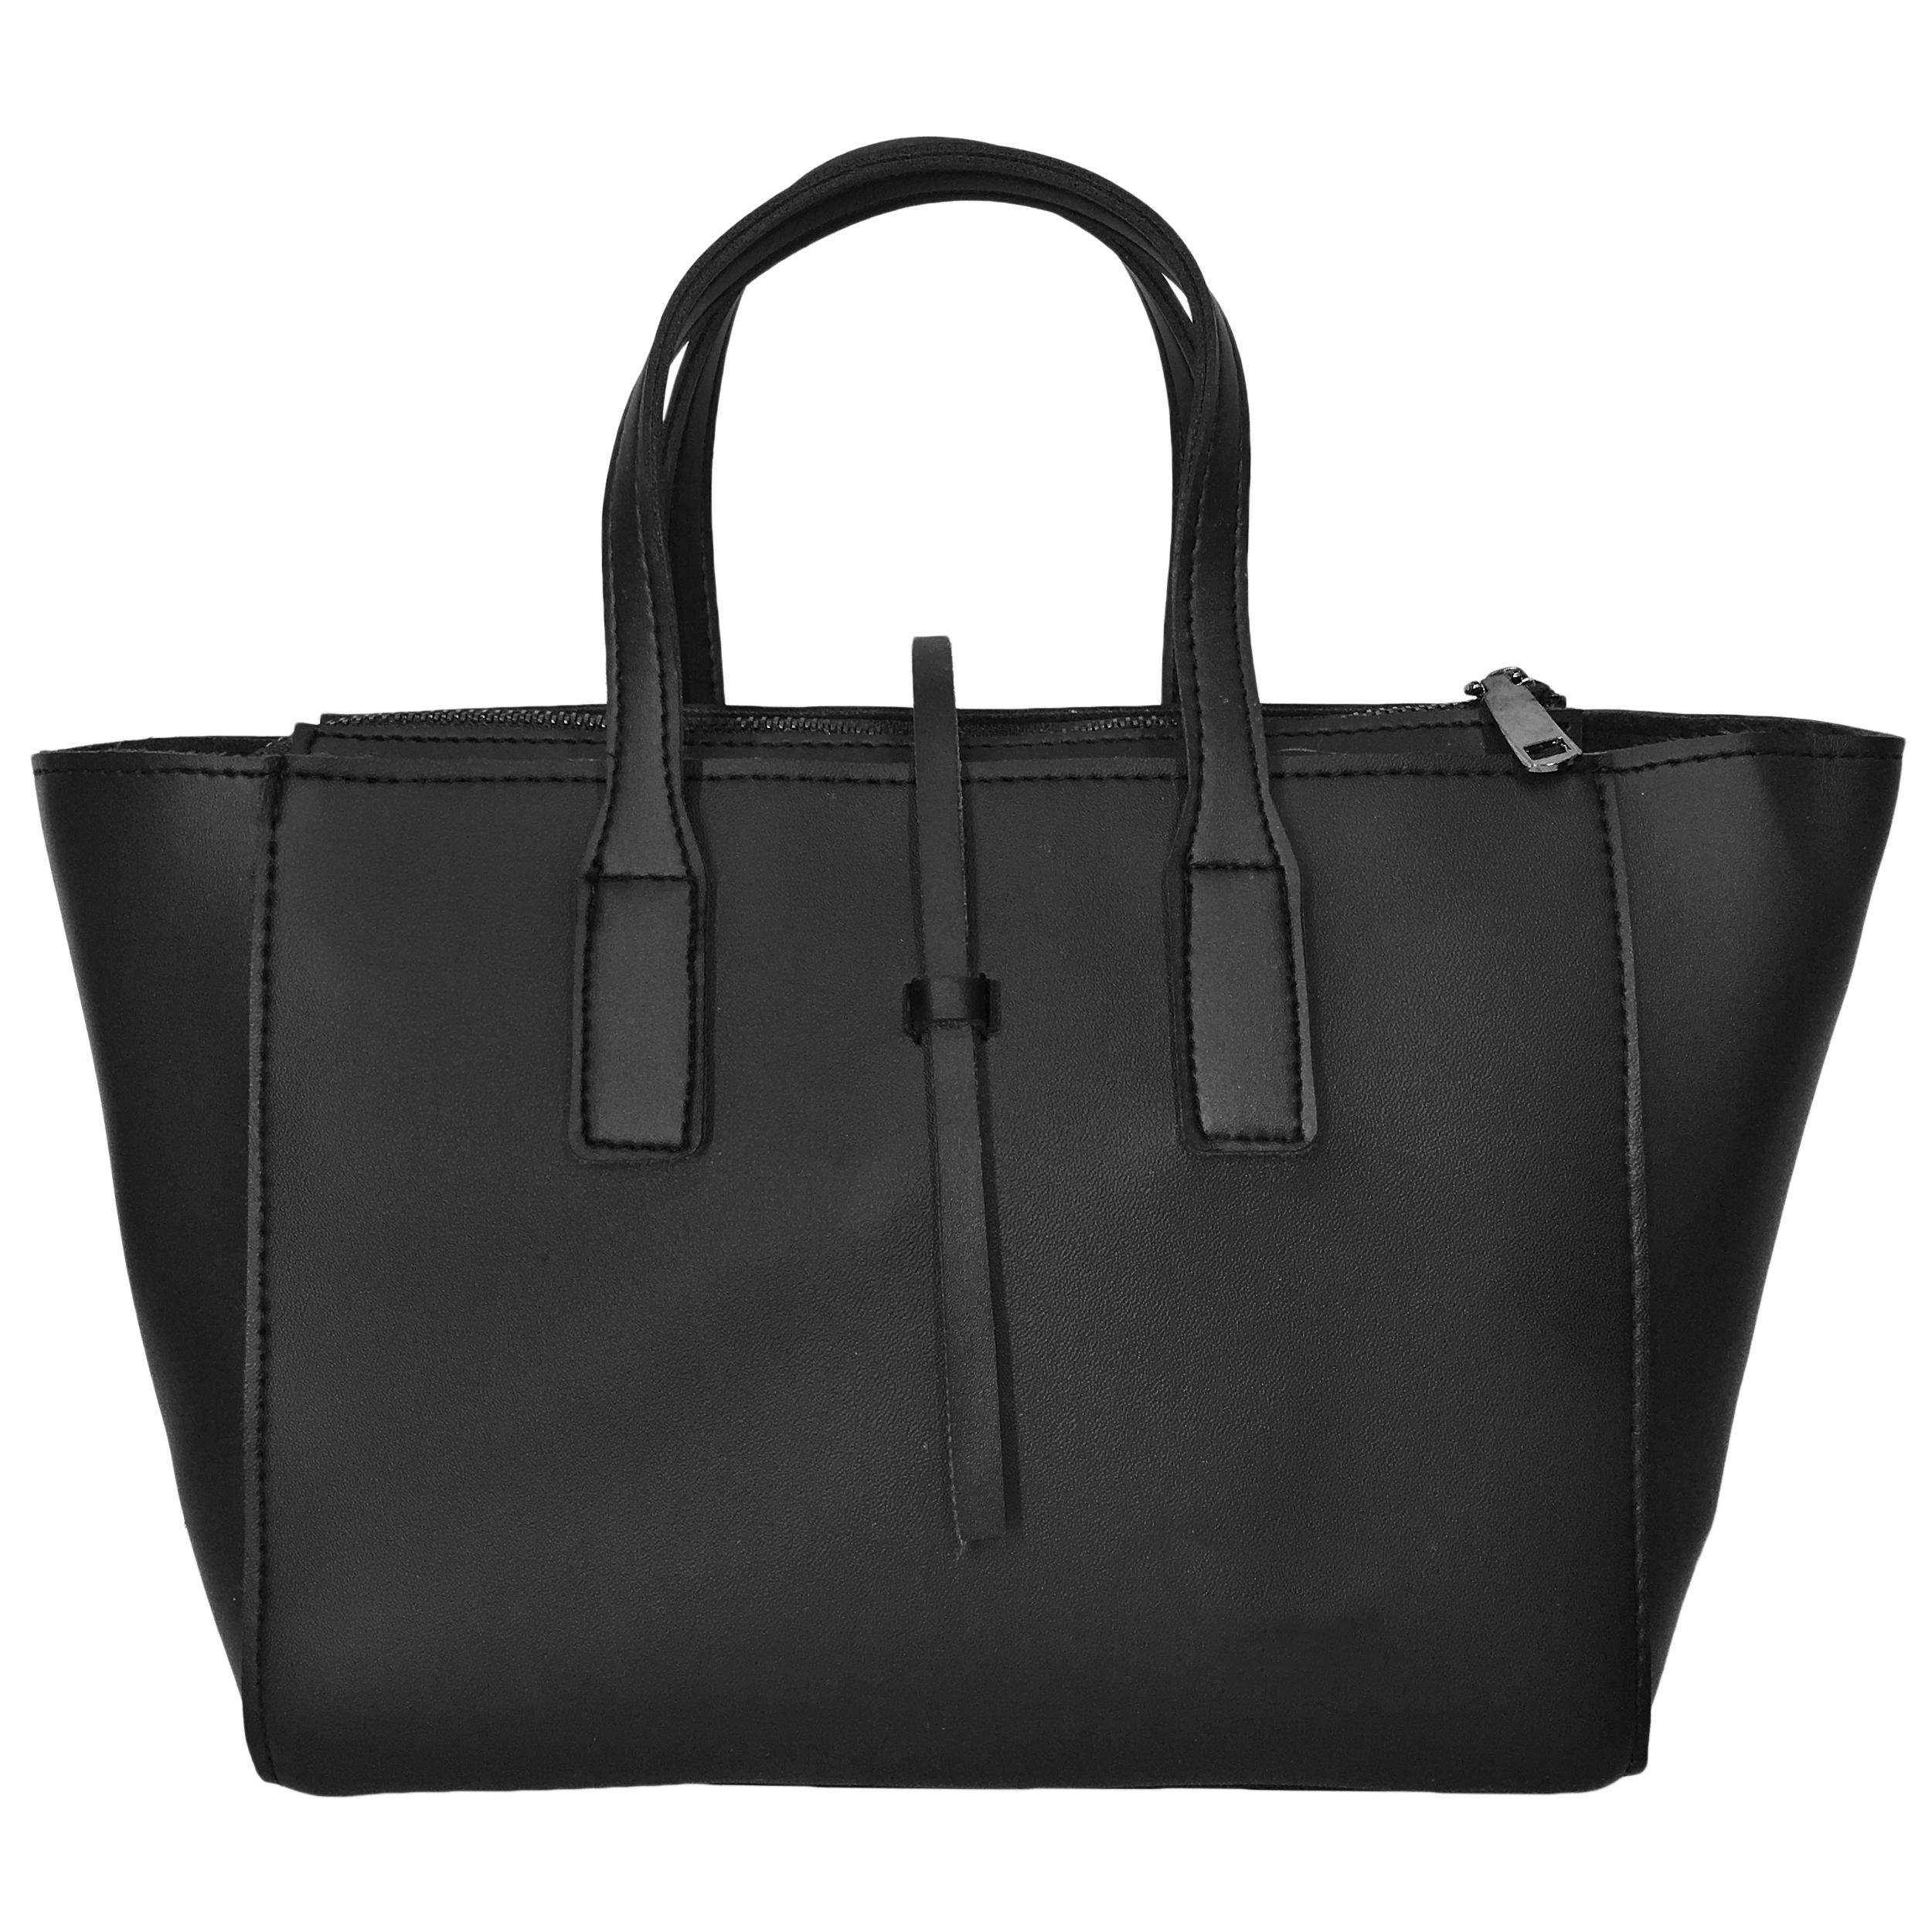 کیف دستی زنانه مدل 219 - K114